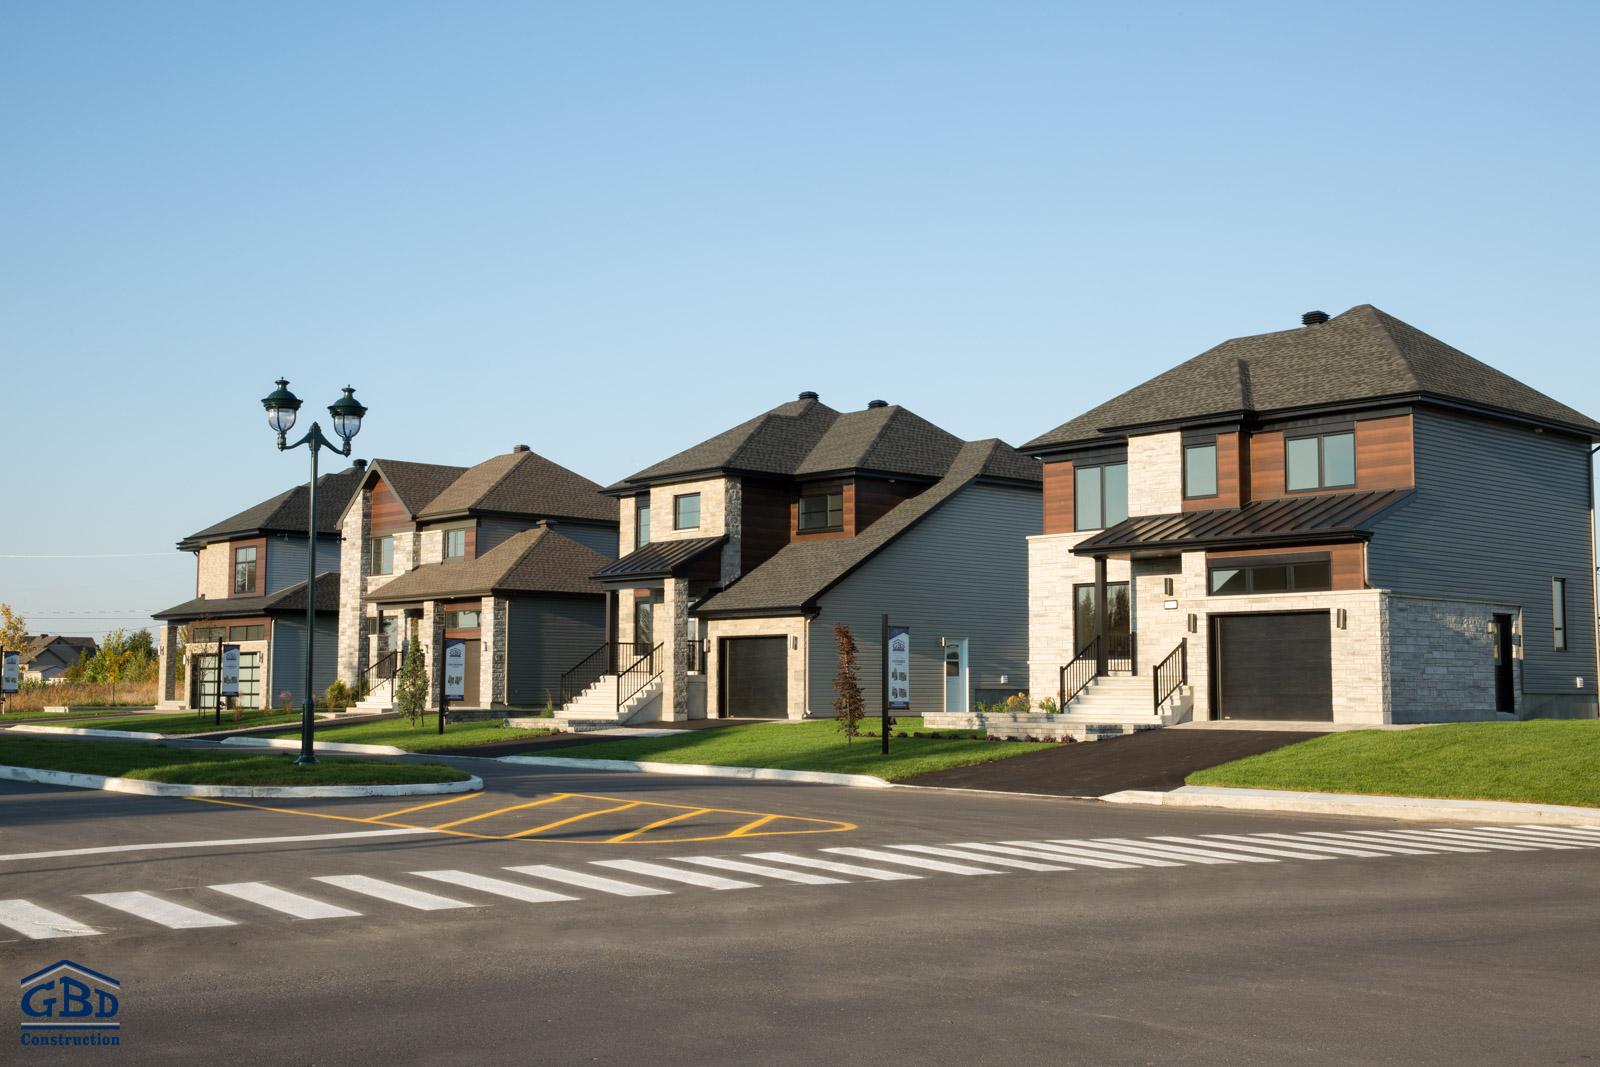 Etape financiere construction maison for Etape administrative construction maison